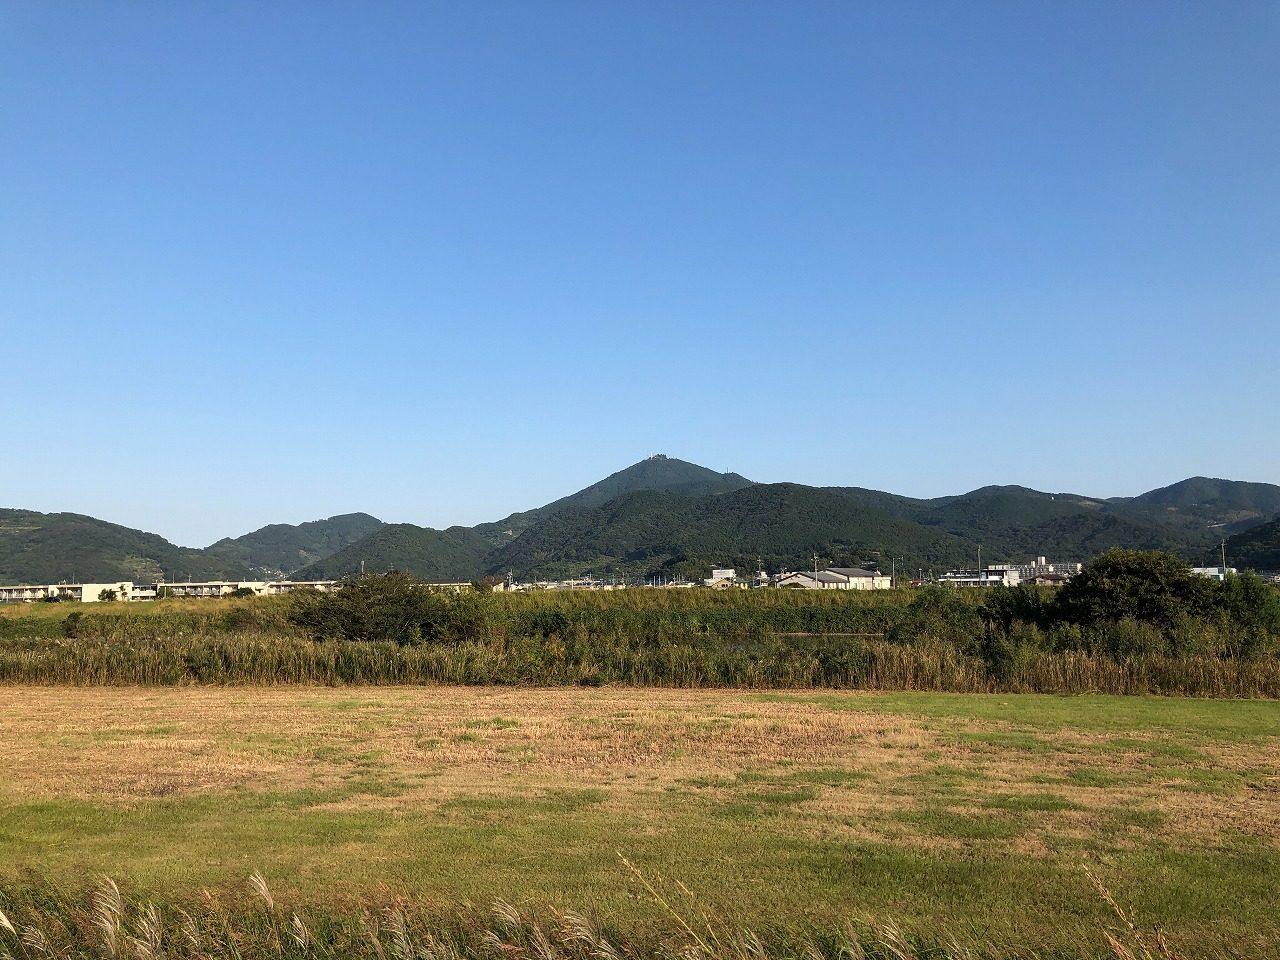 2019.10.16今朝の金峰山です。